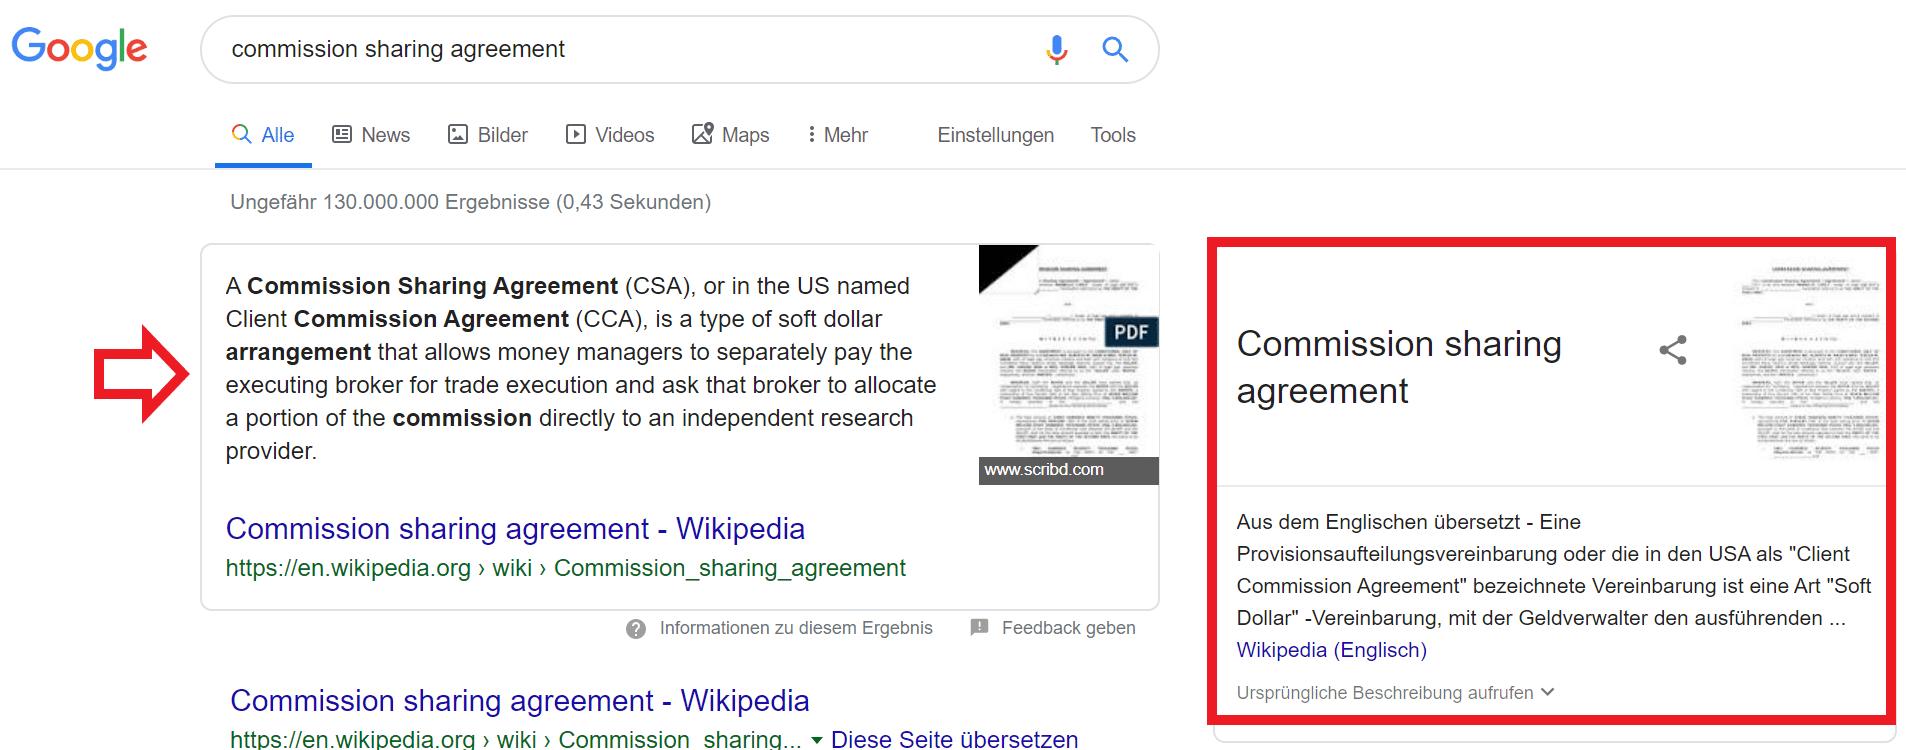 Screenshort Google Übersetzung rechte Seite